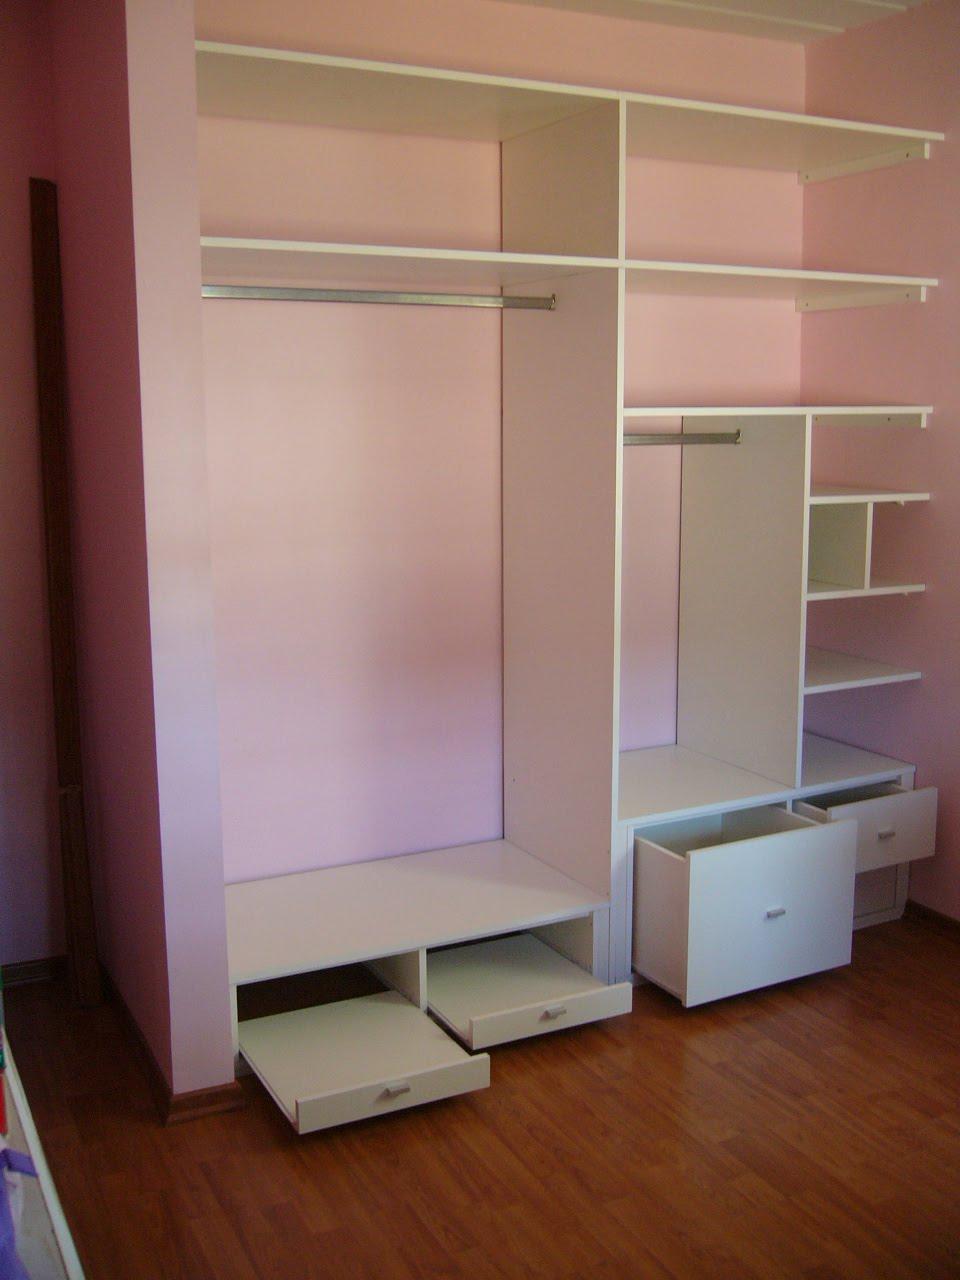 mythourbano deco y muebles vestidor y placard. Black Bedroom Furniture Sets. Home Design Ideas